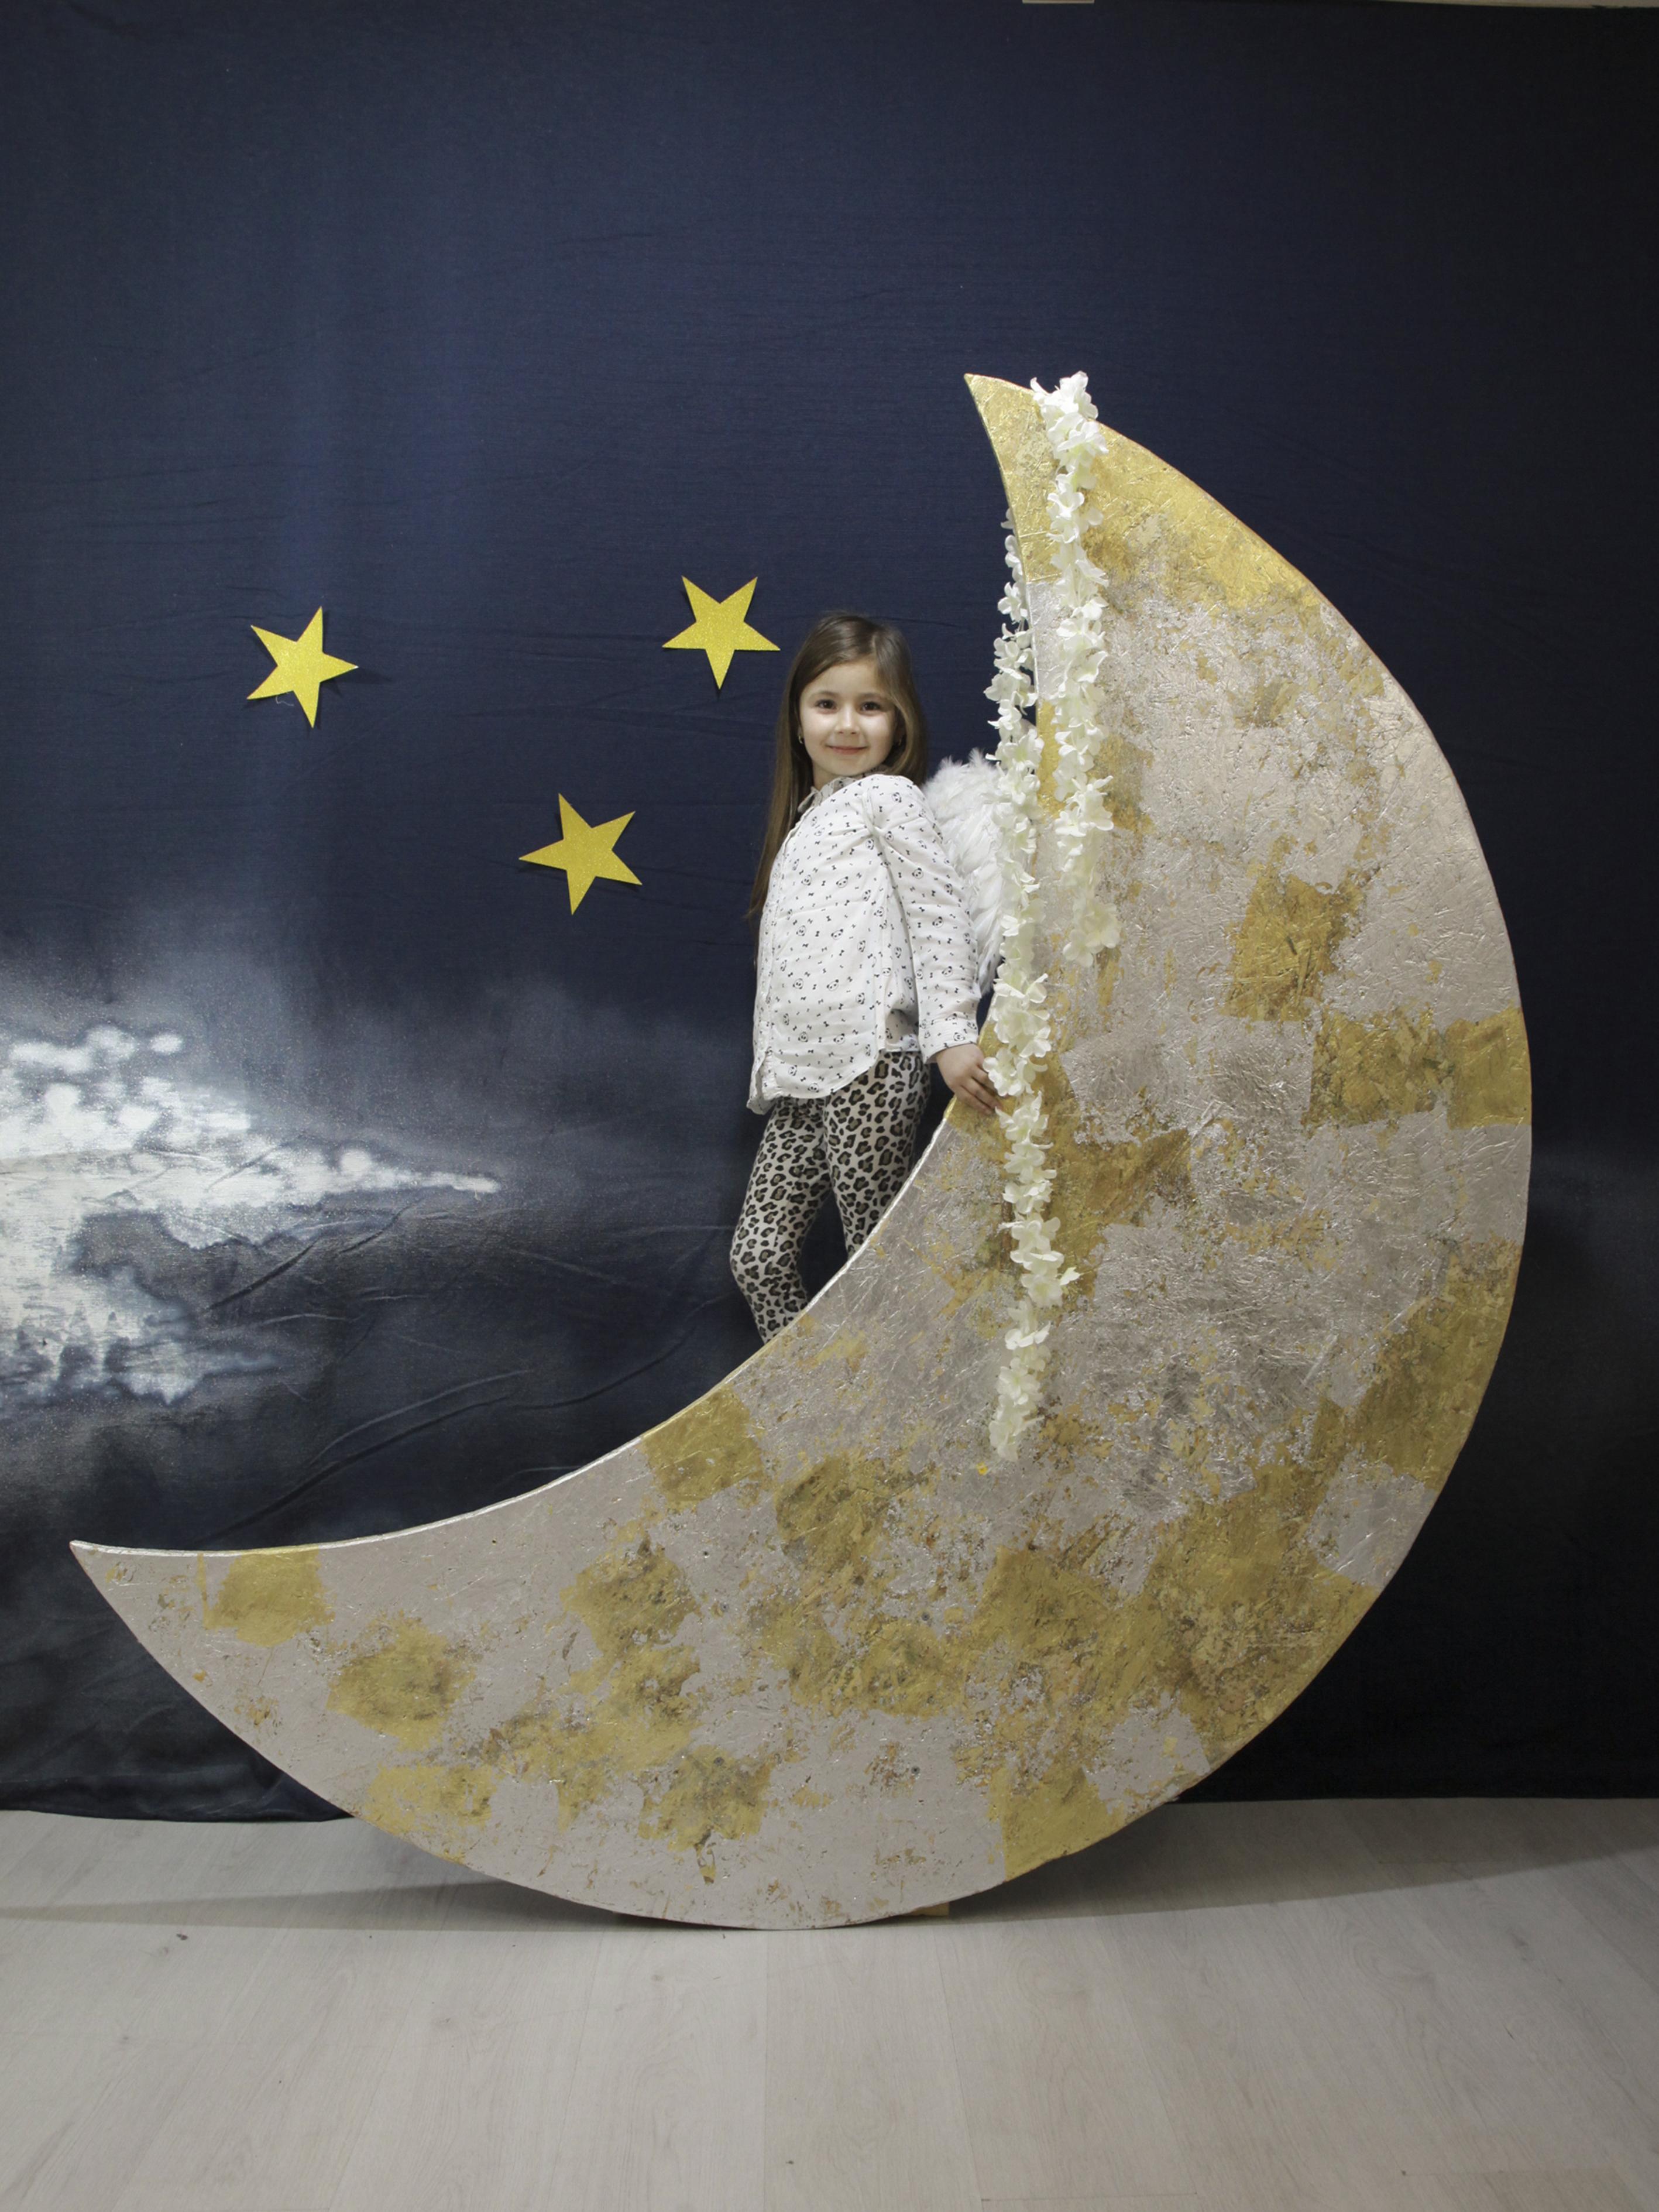 Foto con la luna ESCAPE='HTML'